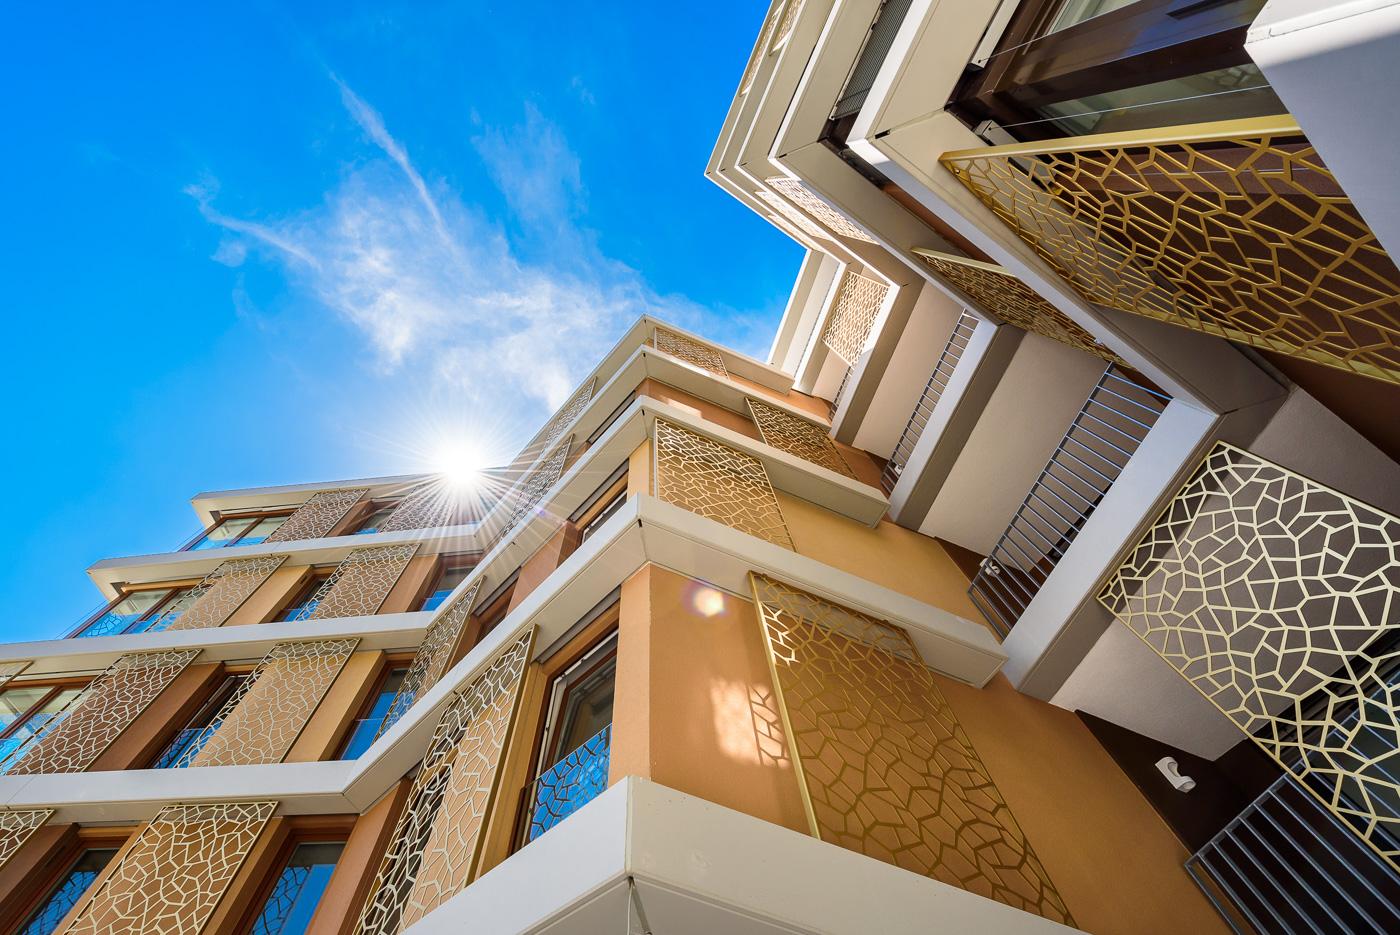 PP Architekturfotografie 019